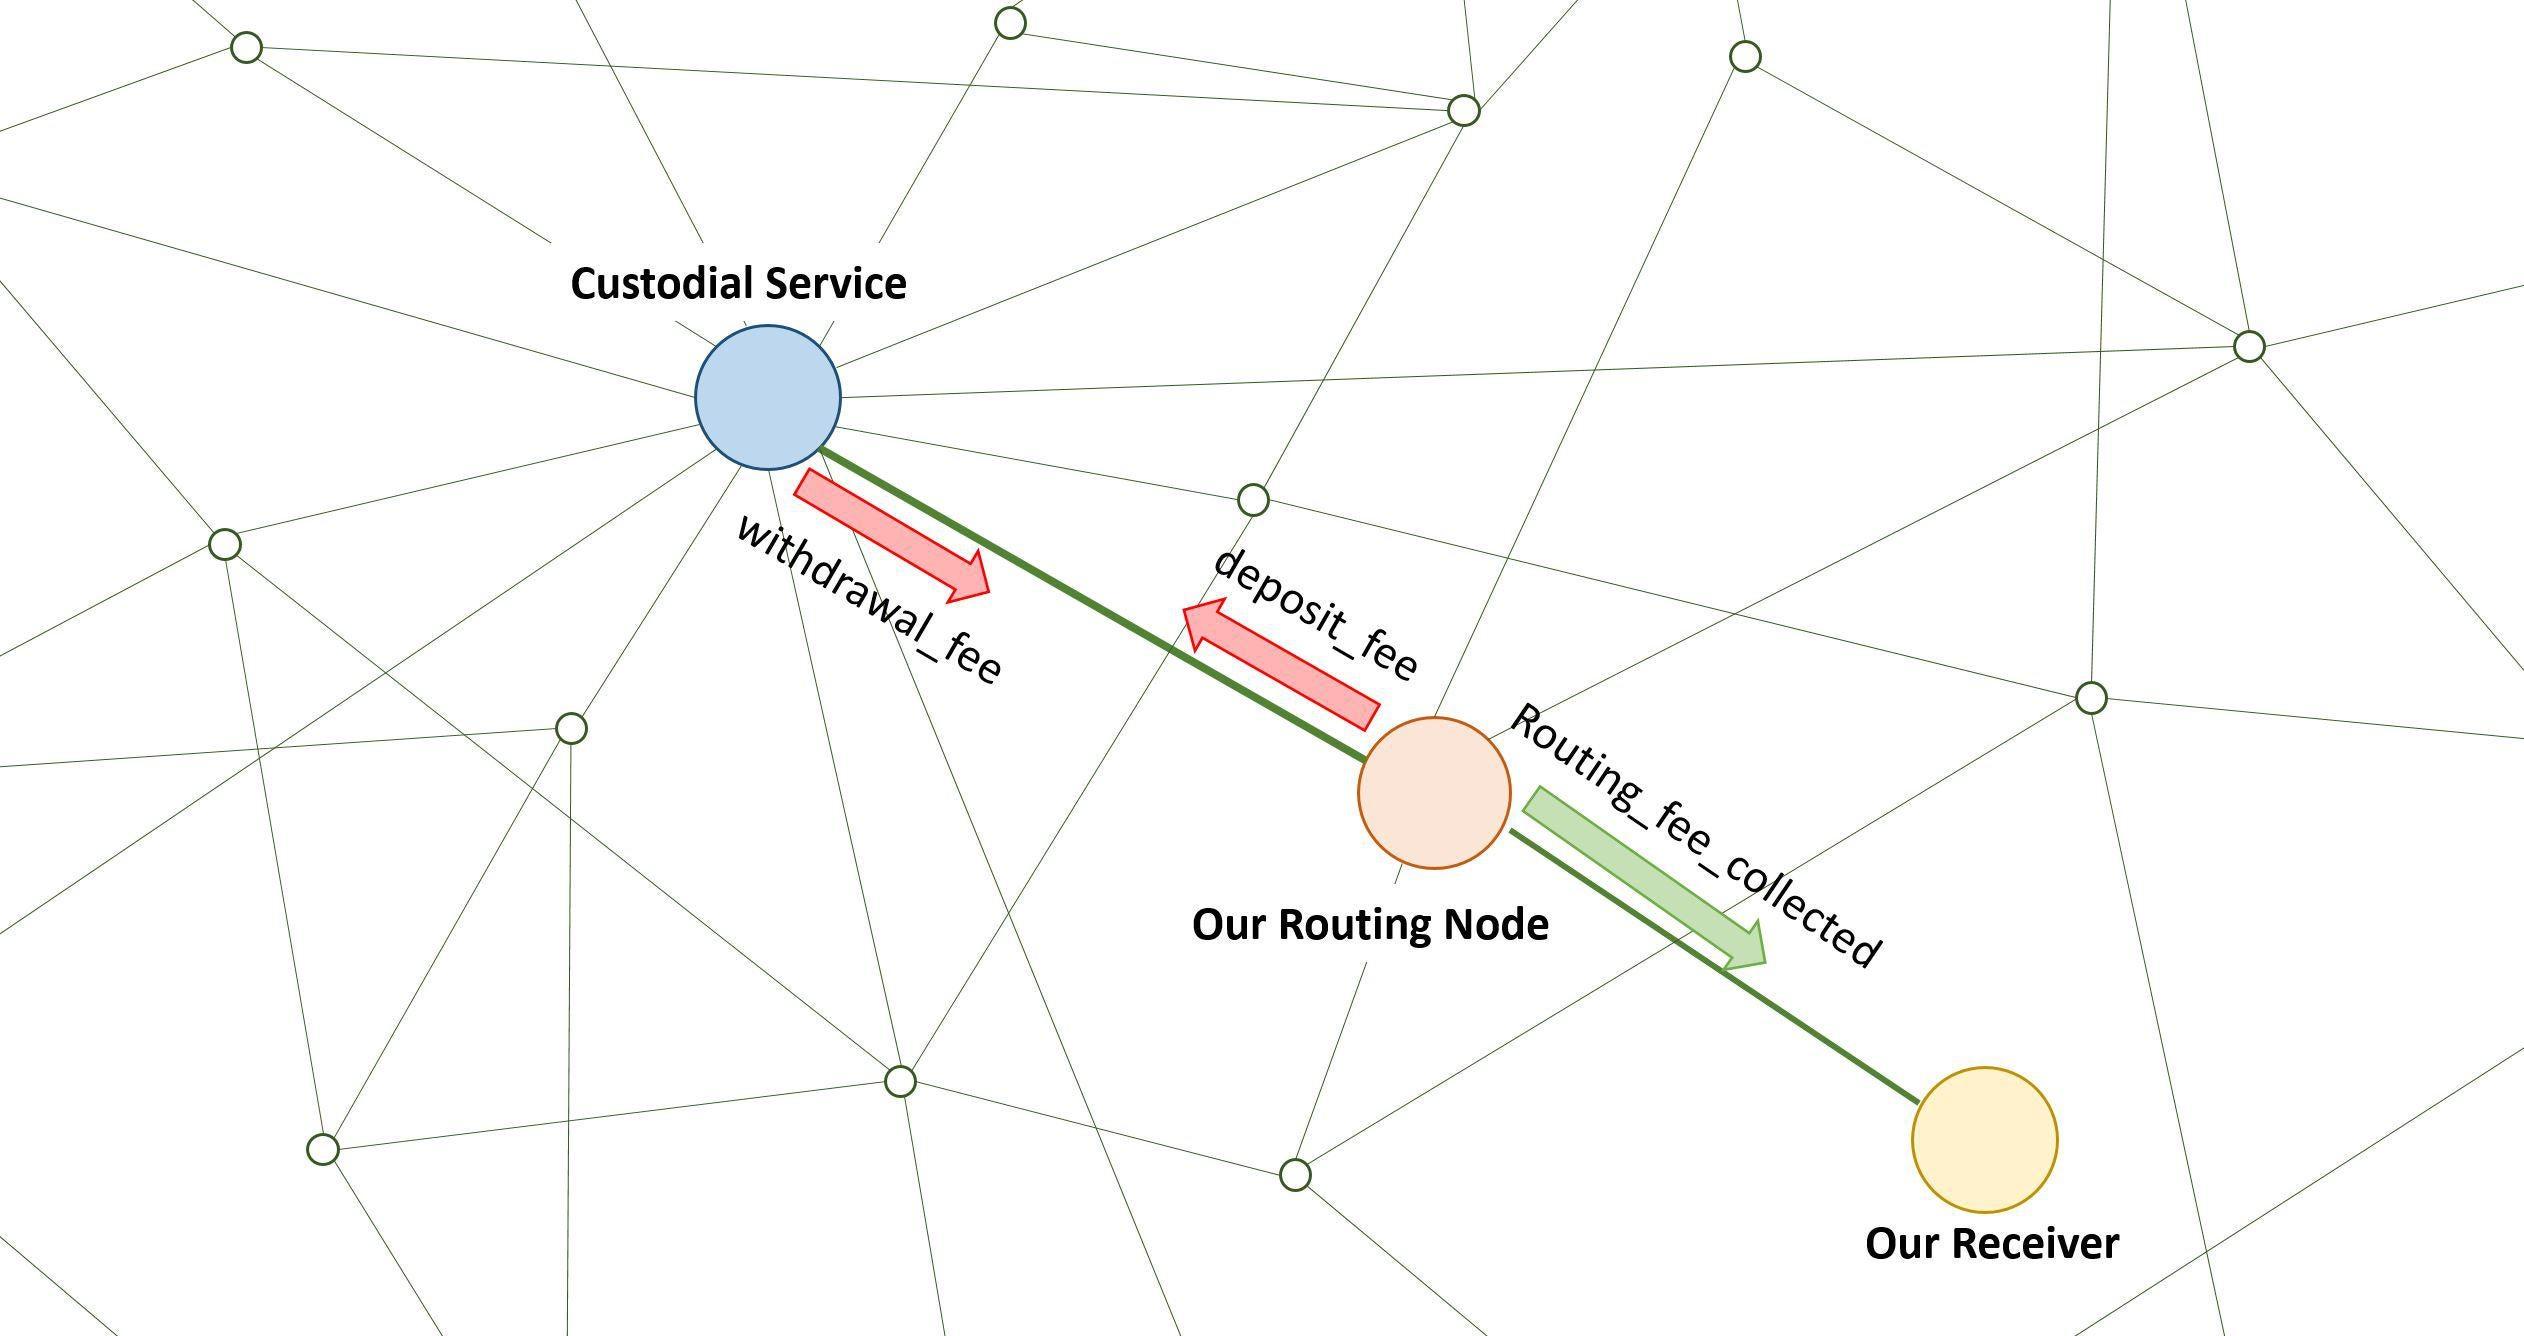 Usuário avisa empresas sobre falha em serviços de custódia da Lightning Network